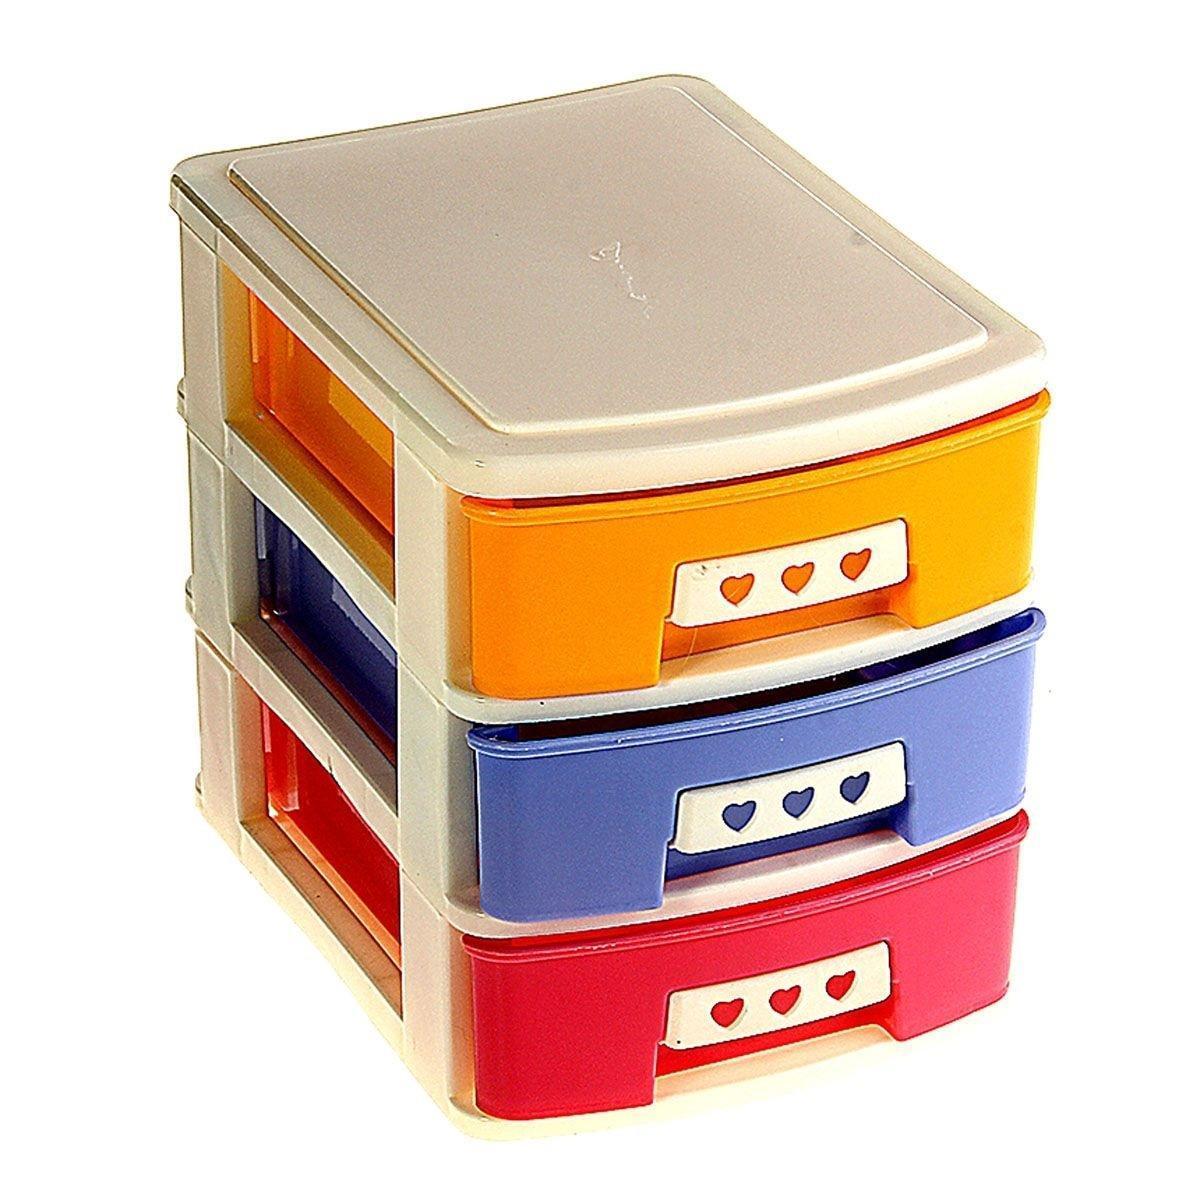 Мини-комод для мелочей трехсекционный, 19*14*17 см 848406848406Хозтовары – важнейший элемент нашей повседневной жизни, они настоящие маленькие помощники в быту. Мини-комод для мелочей прекрасно подойдет для хранения и транспортировки различных мелочей. Комод имеет 3 секции. Такой комод поможет держать вещи в порядке. Материал: Пластик